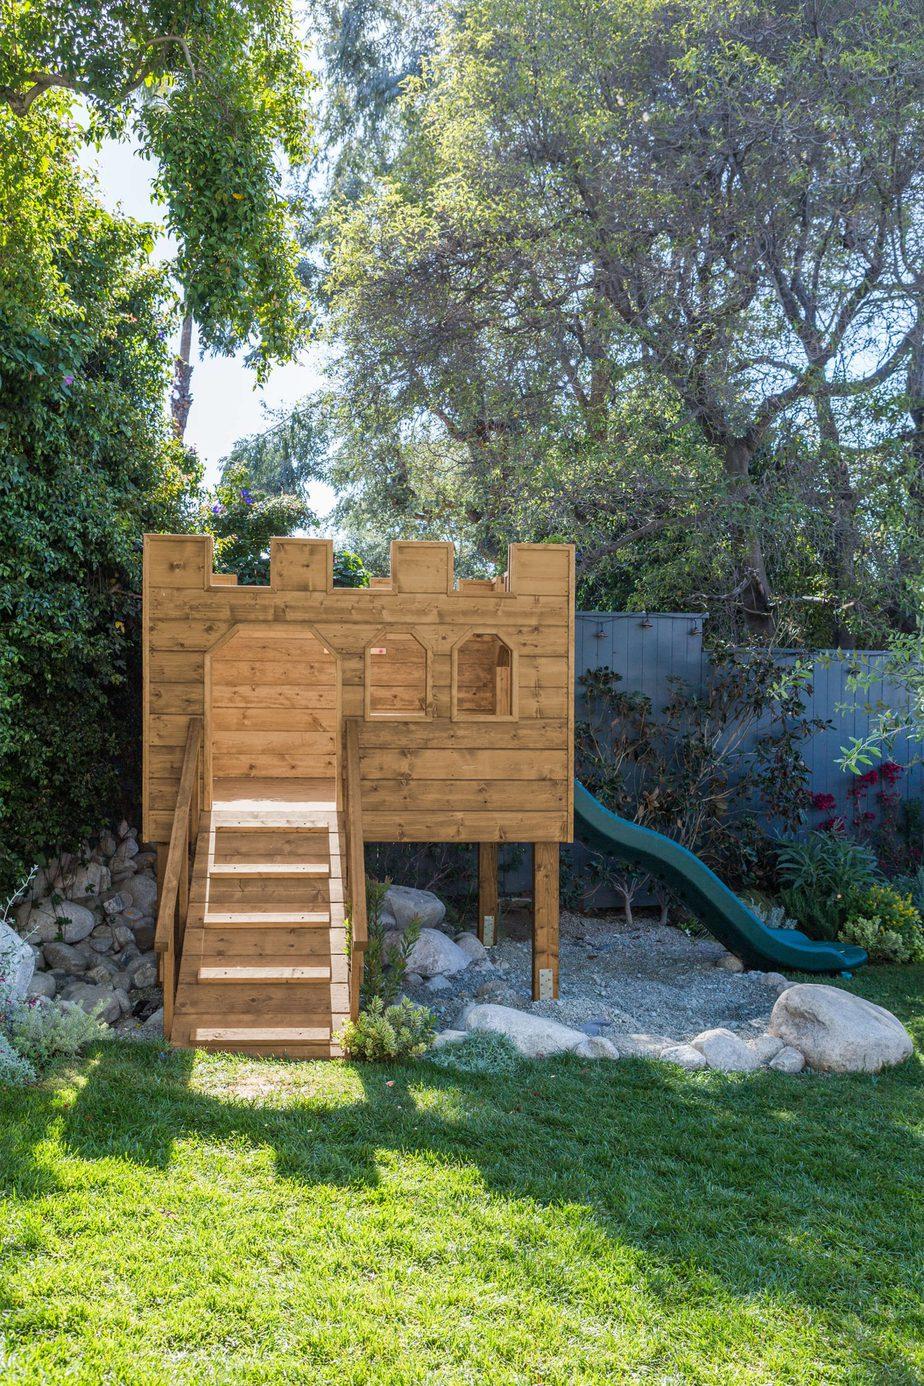 6.Castle Clubhouse Project via Simphome.com